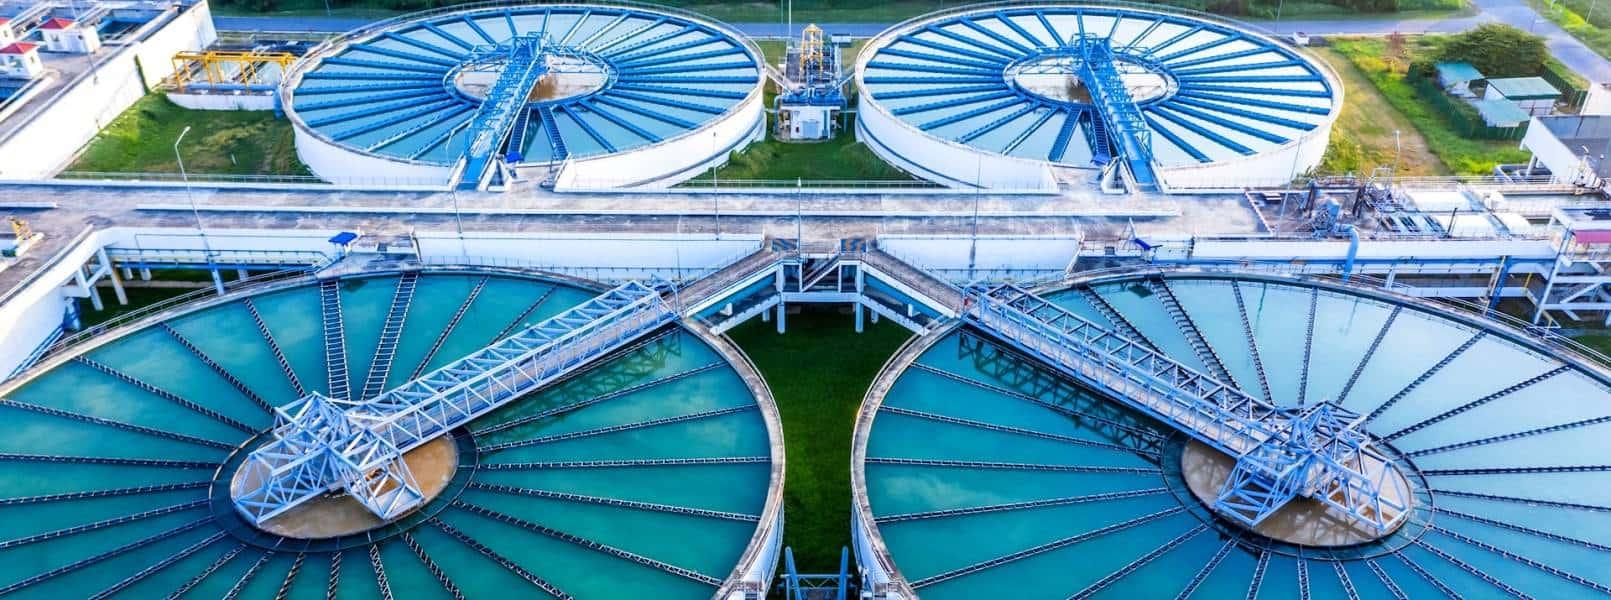 شرکت تصفیه آب هیوندای